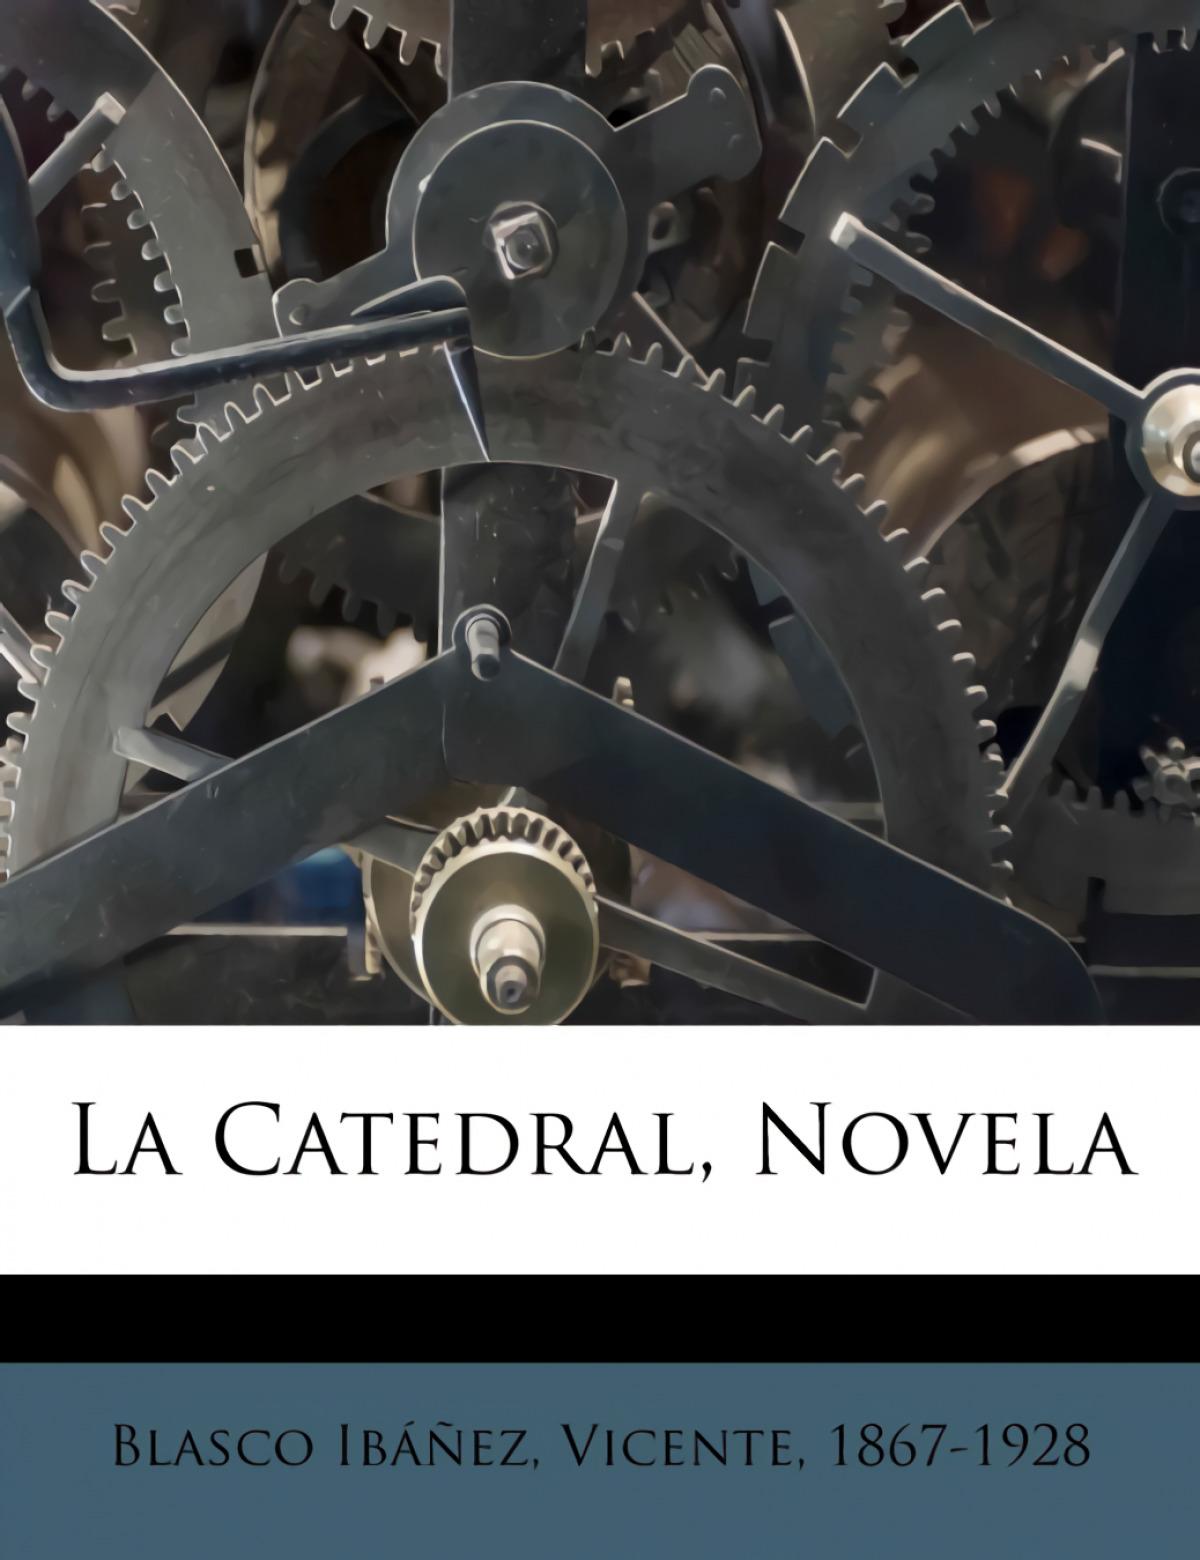 La Catedral, Novela